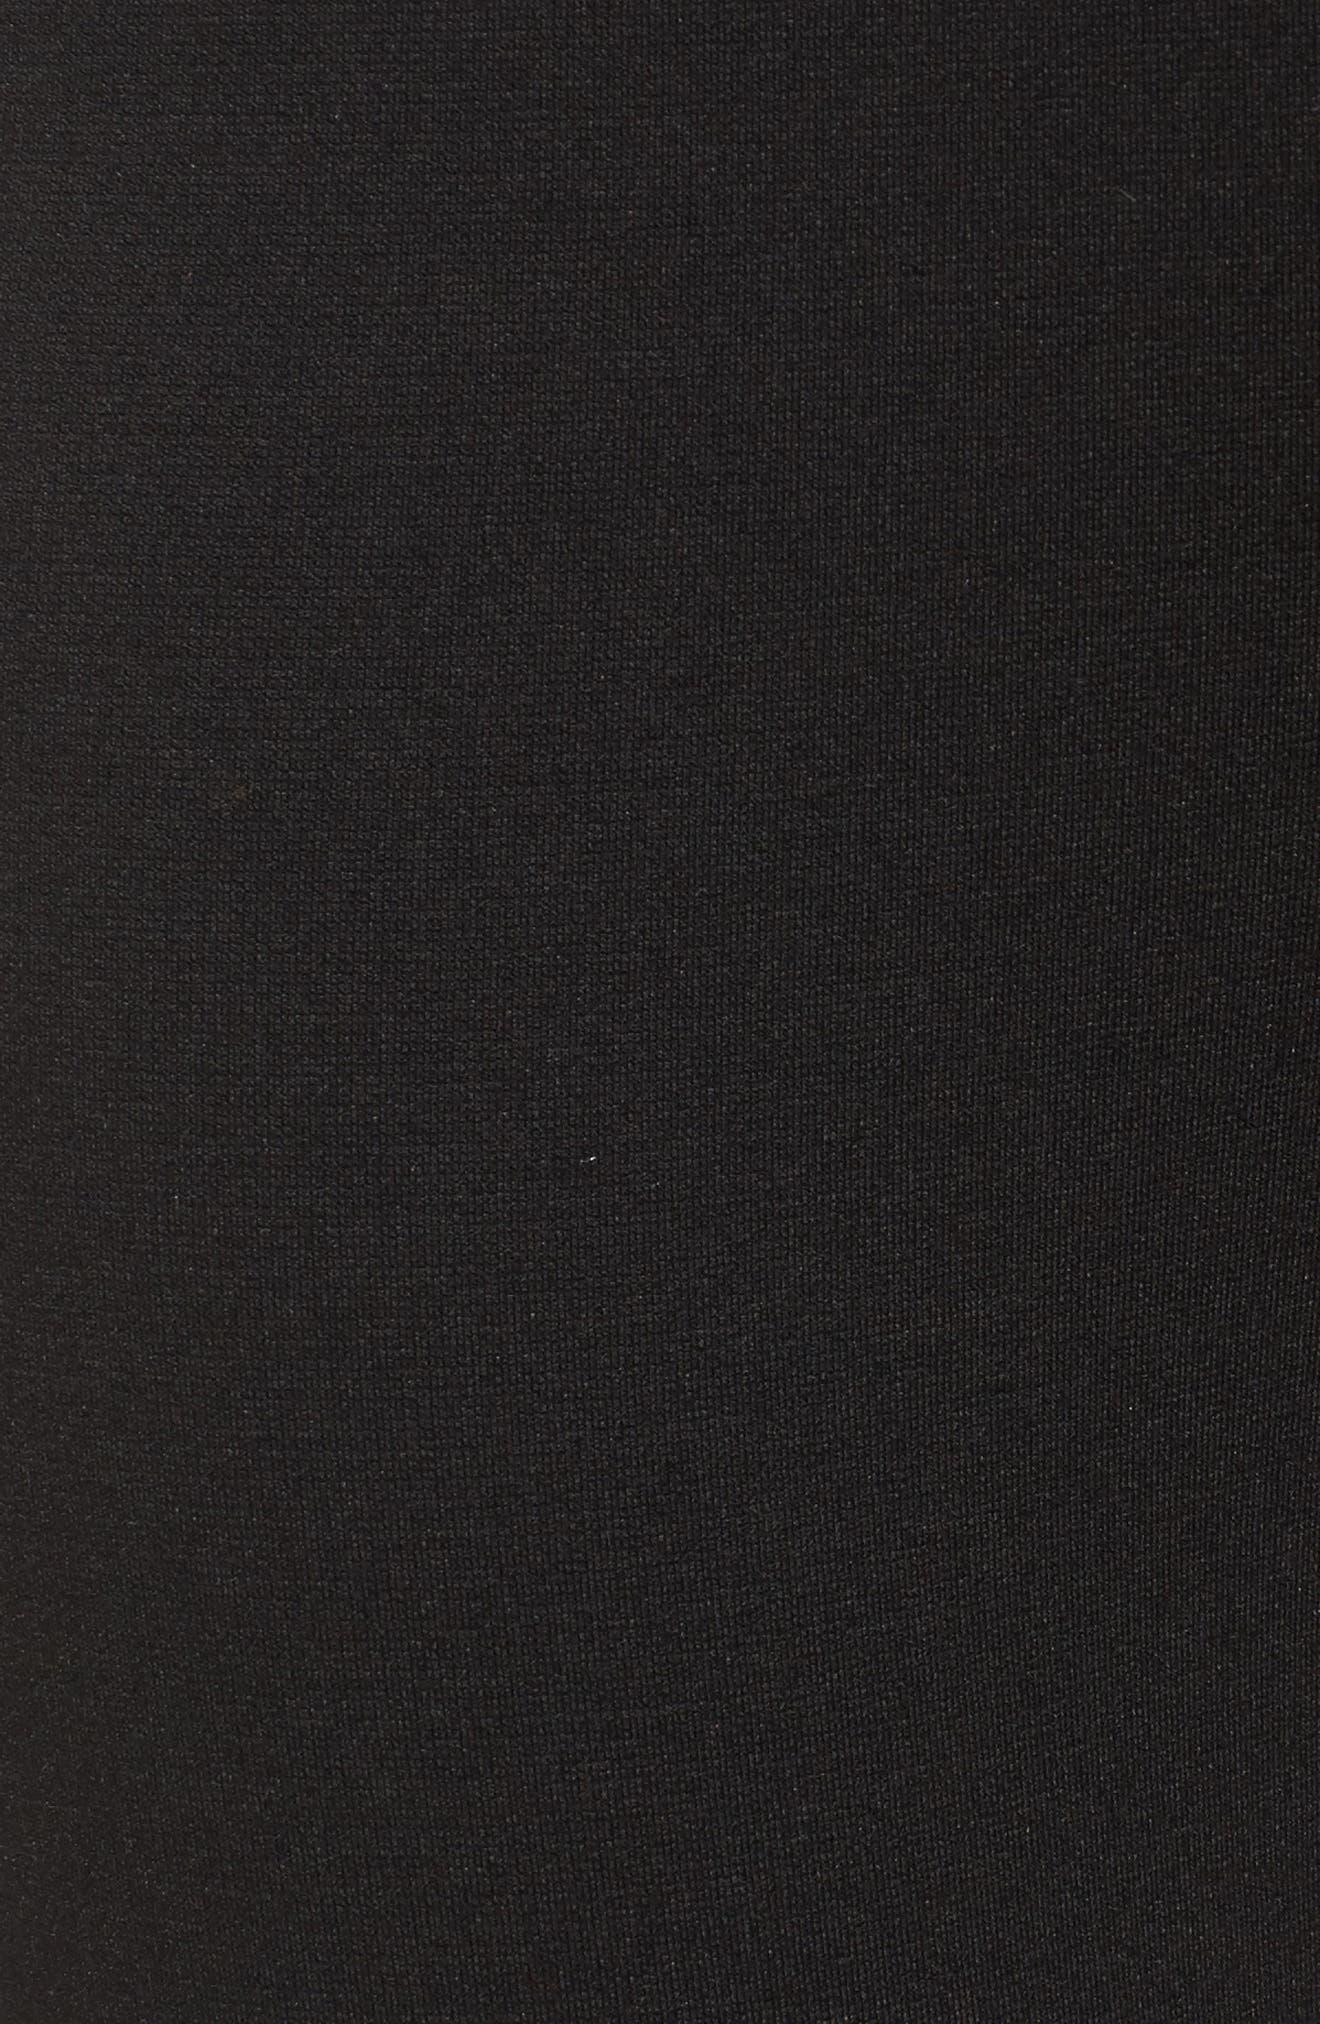 Zip Ankle Ponte Knit Leggings,                             Alternate thumbnail 5, color,                             Rich Black